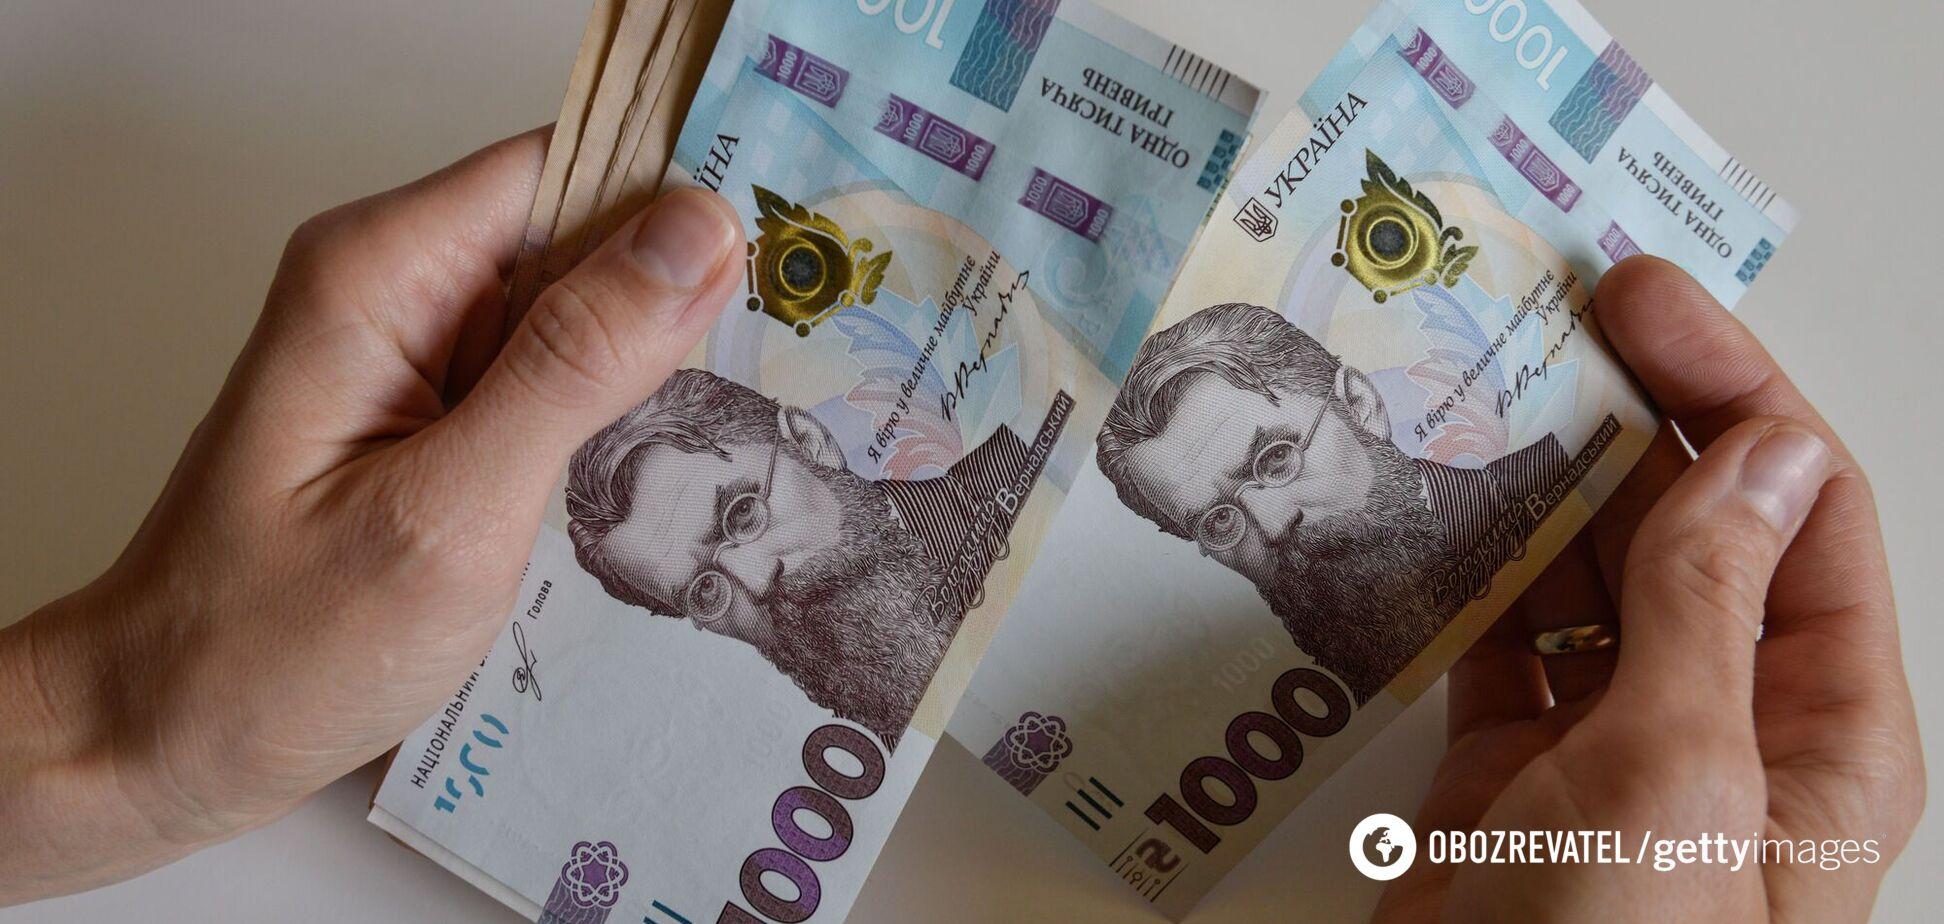 В Украине сотрудникам суда могут установить среднюю зарплату на уровне 19 тыс. грн